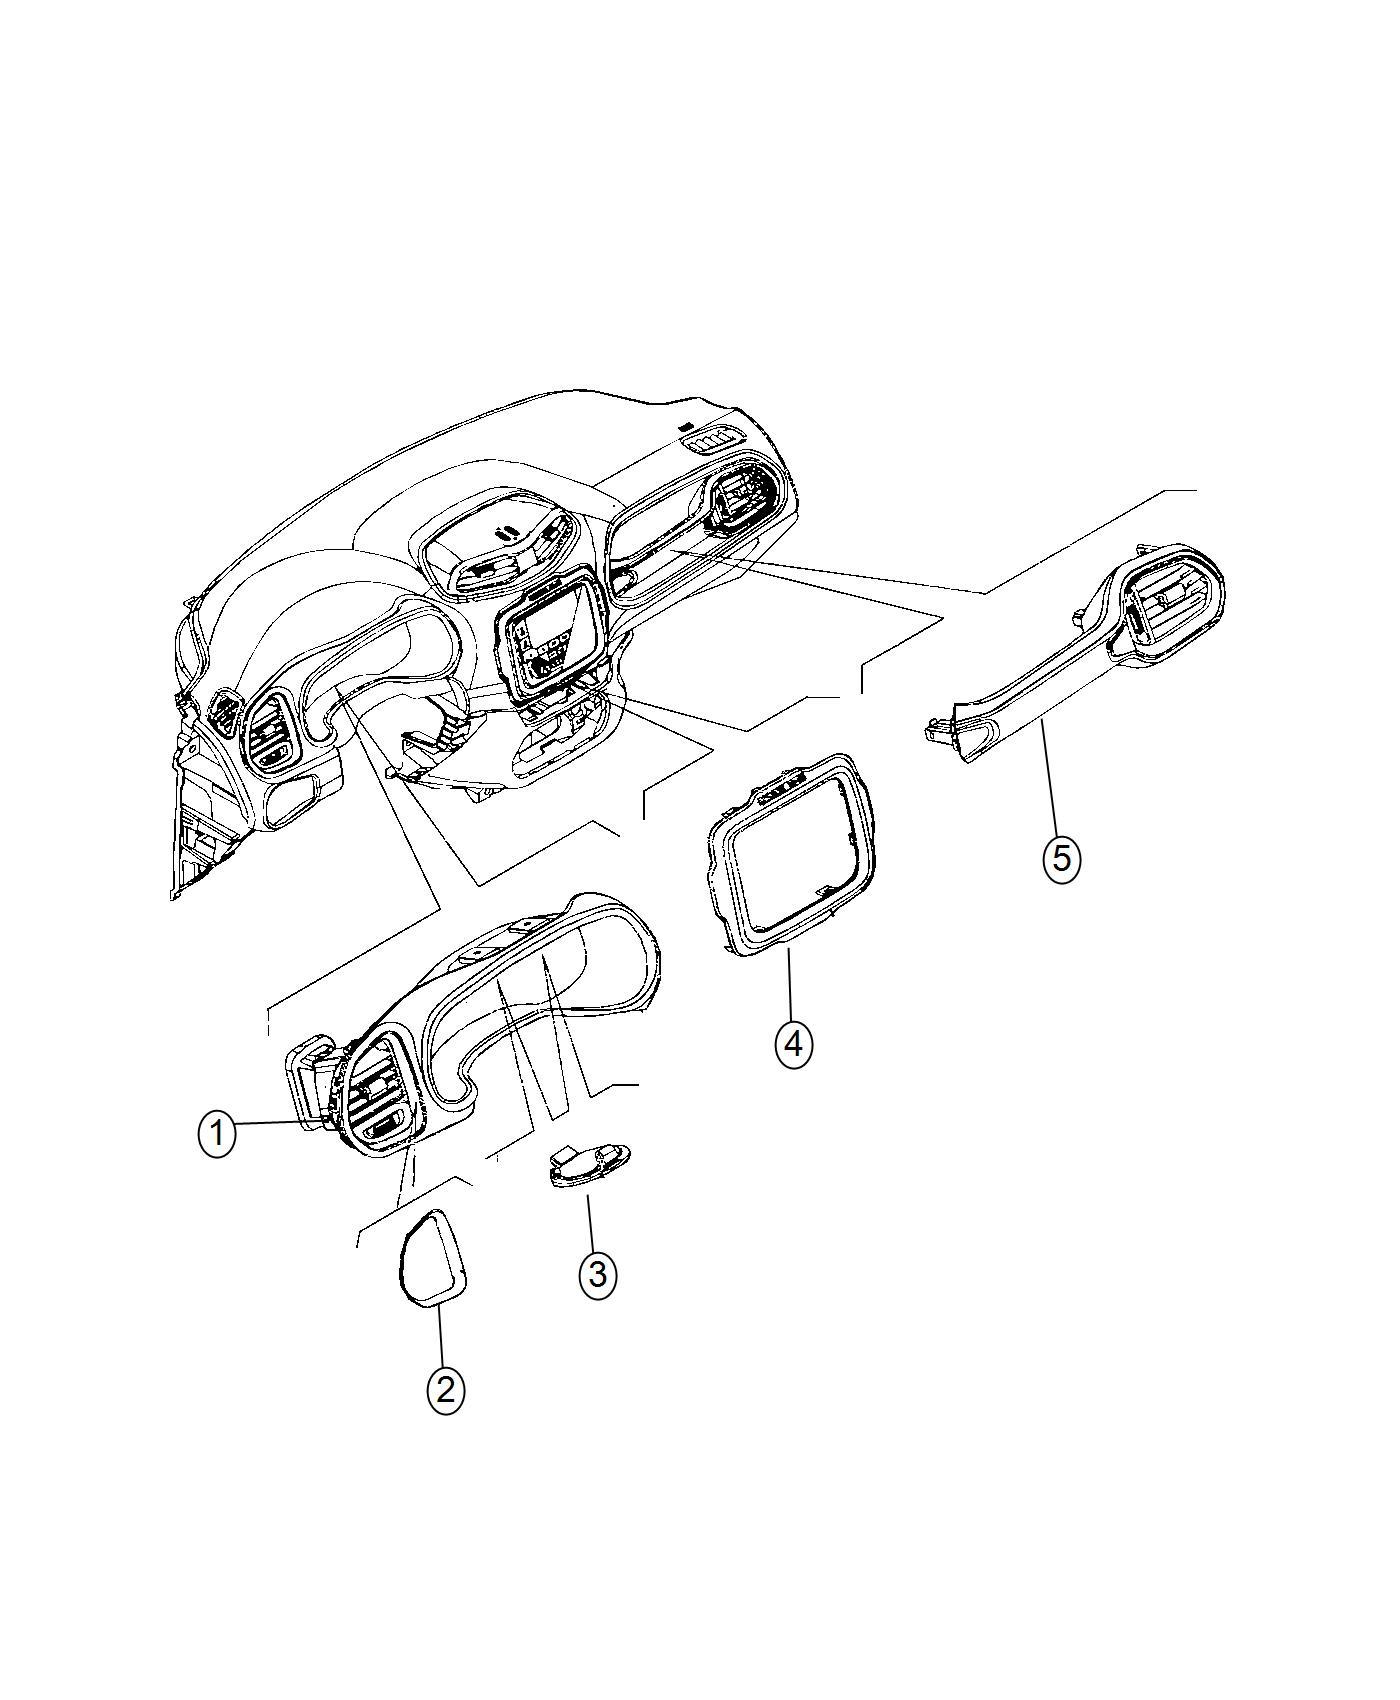 2016 jeep renegade bezel  instrument cluster  trim   no description available  color   black